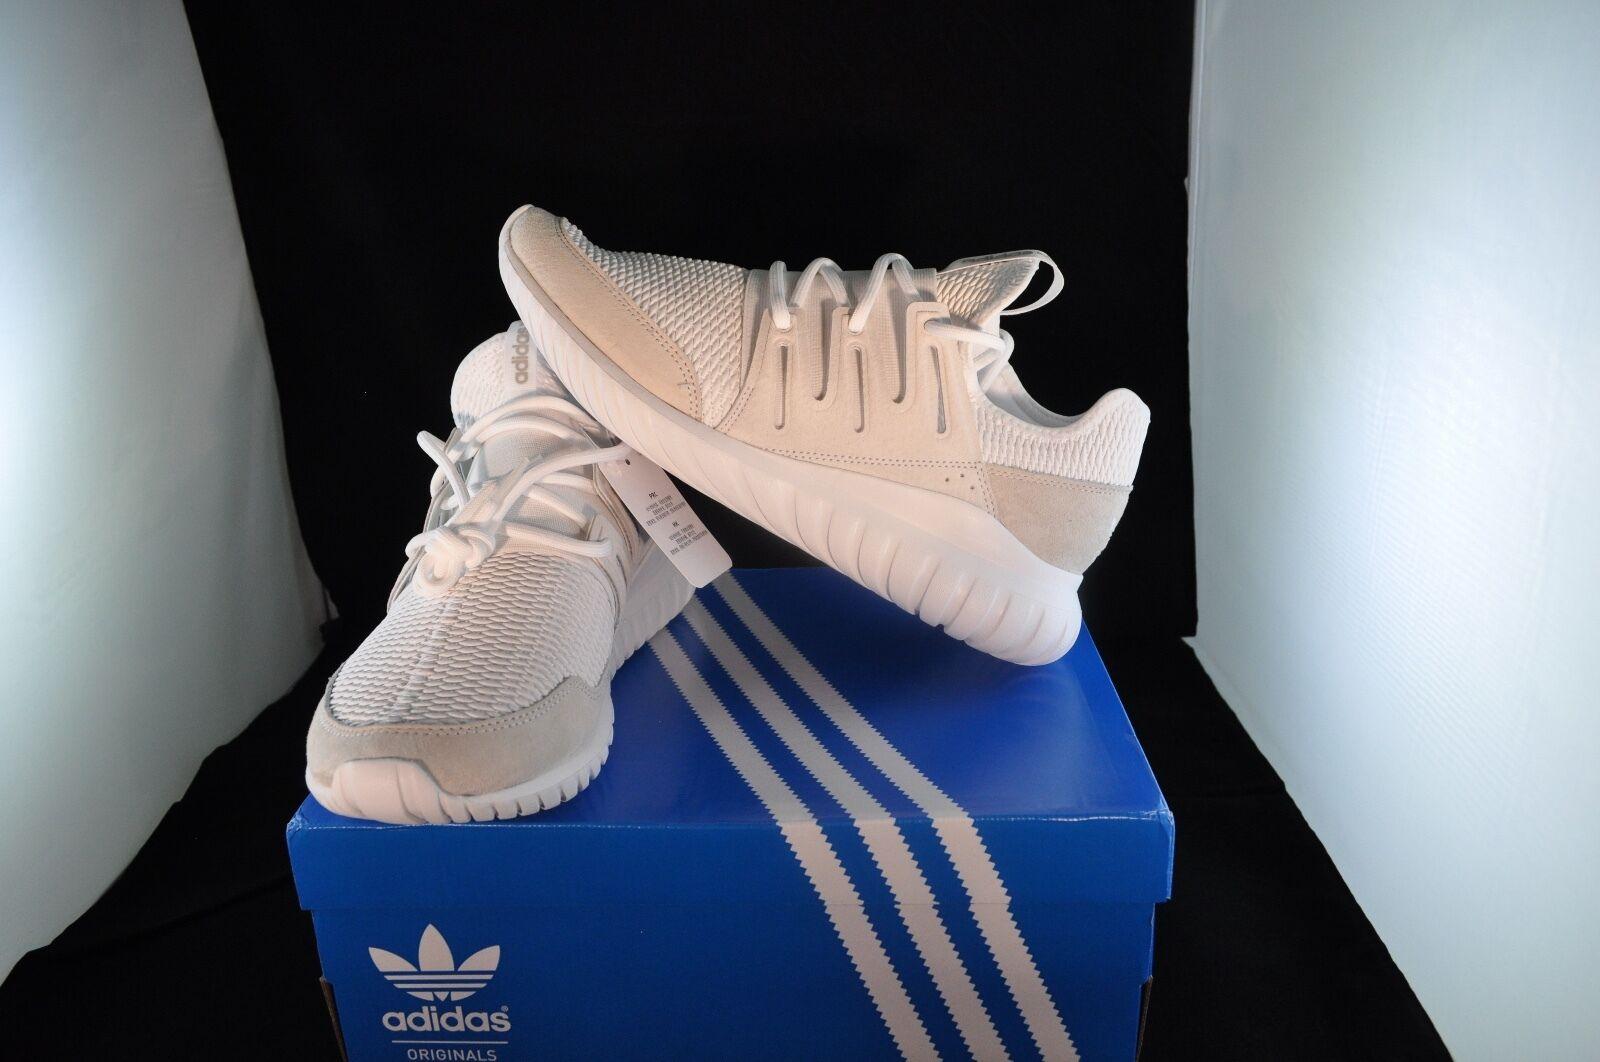 De adidas los nuevos hombres de adidas De Originals tubular running zapatillas - s76720 radial - blanco 9e08d0